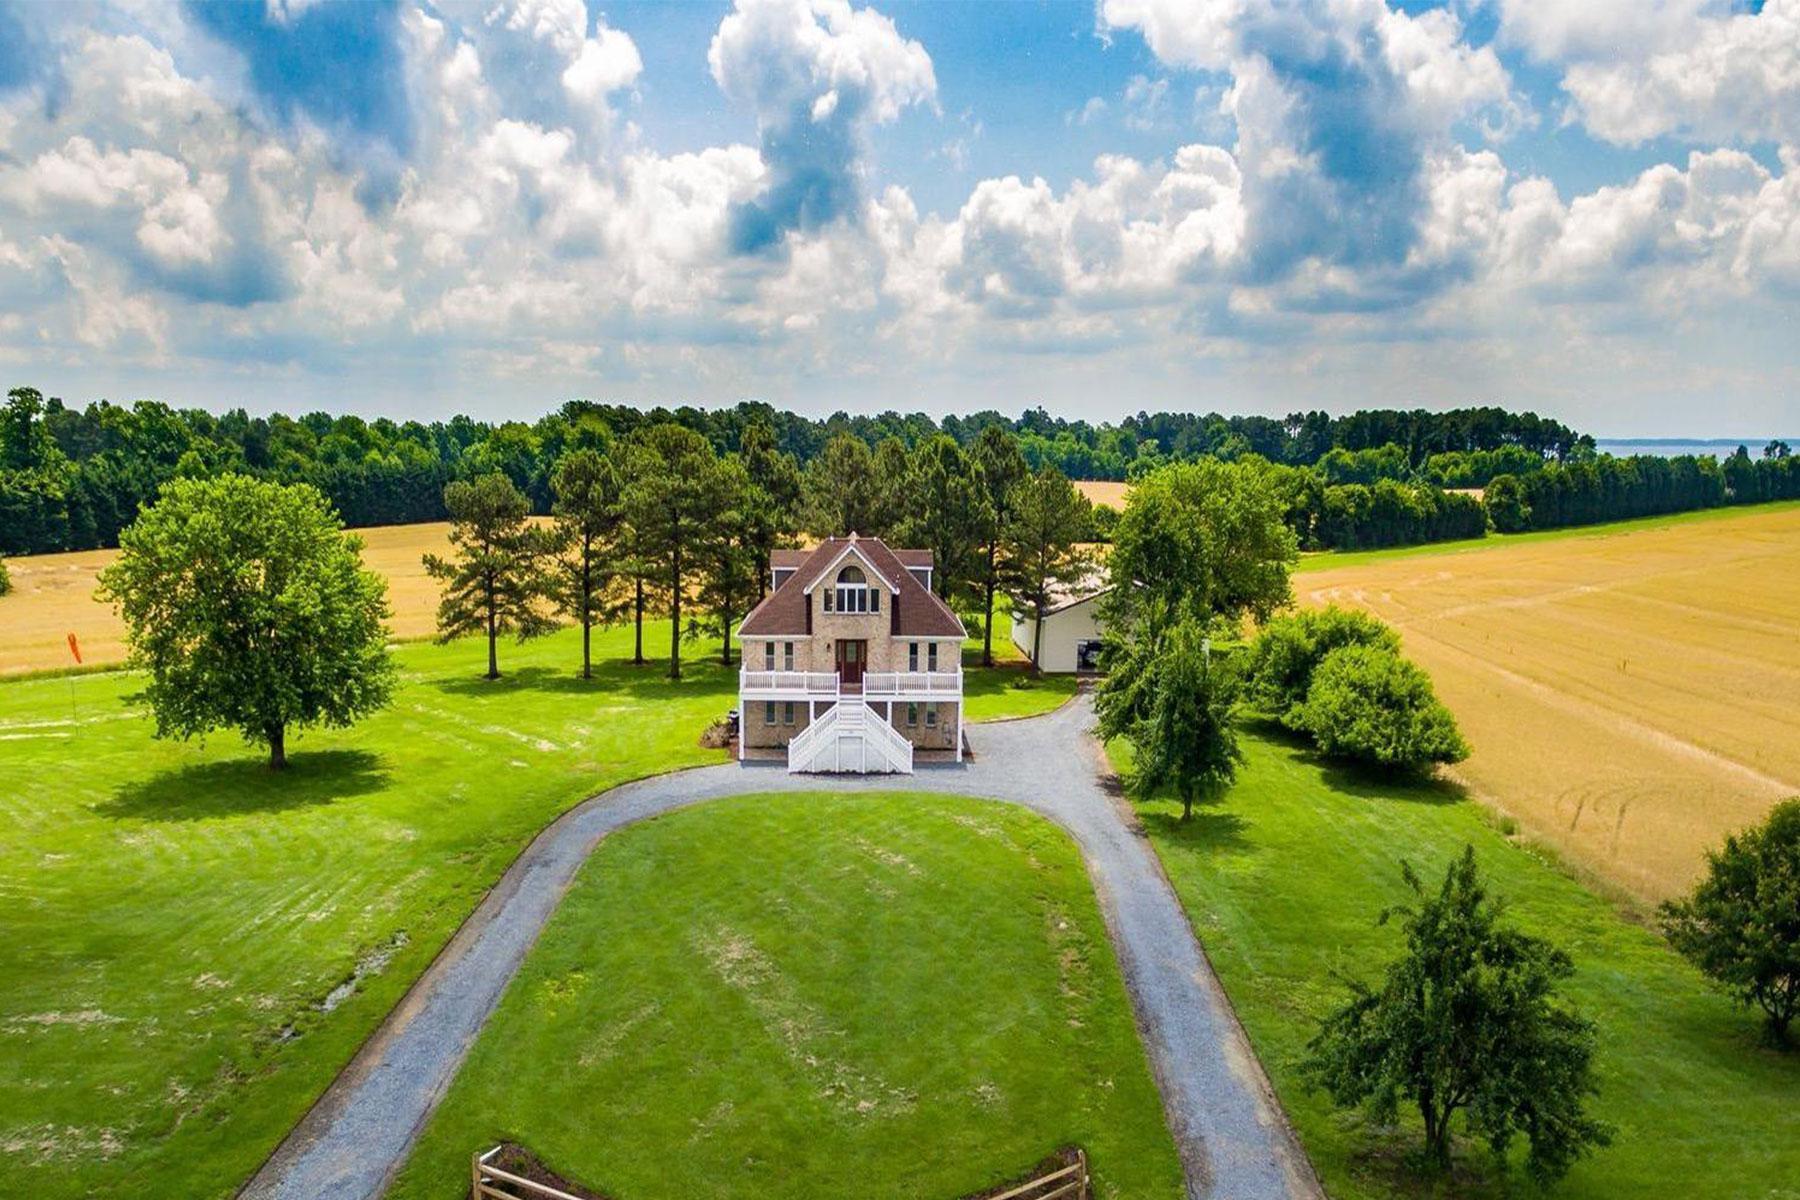 Single Family Homes için Satış at Stevensville, Maryland 21666 Amerika Birleşik Devletleri